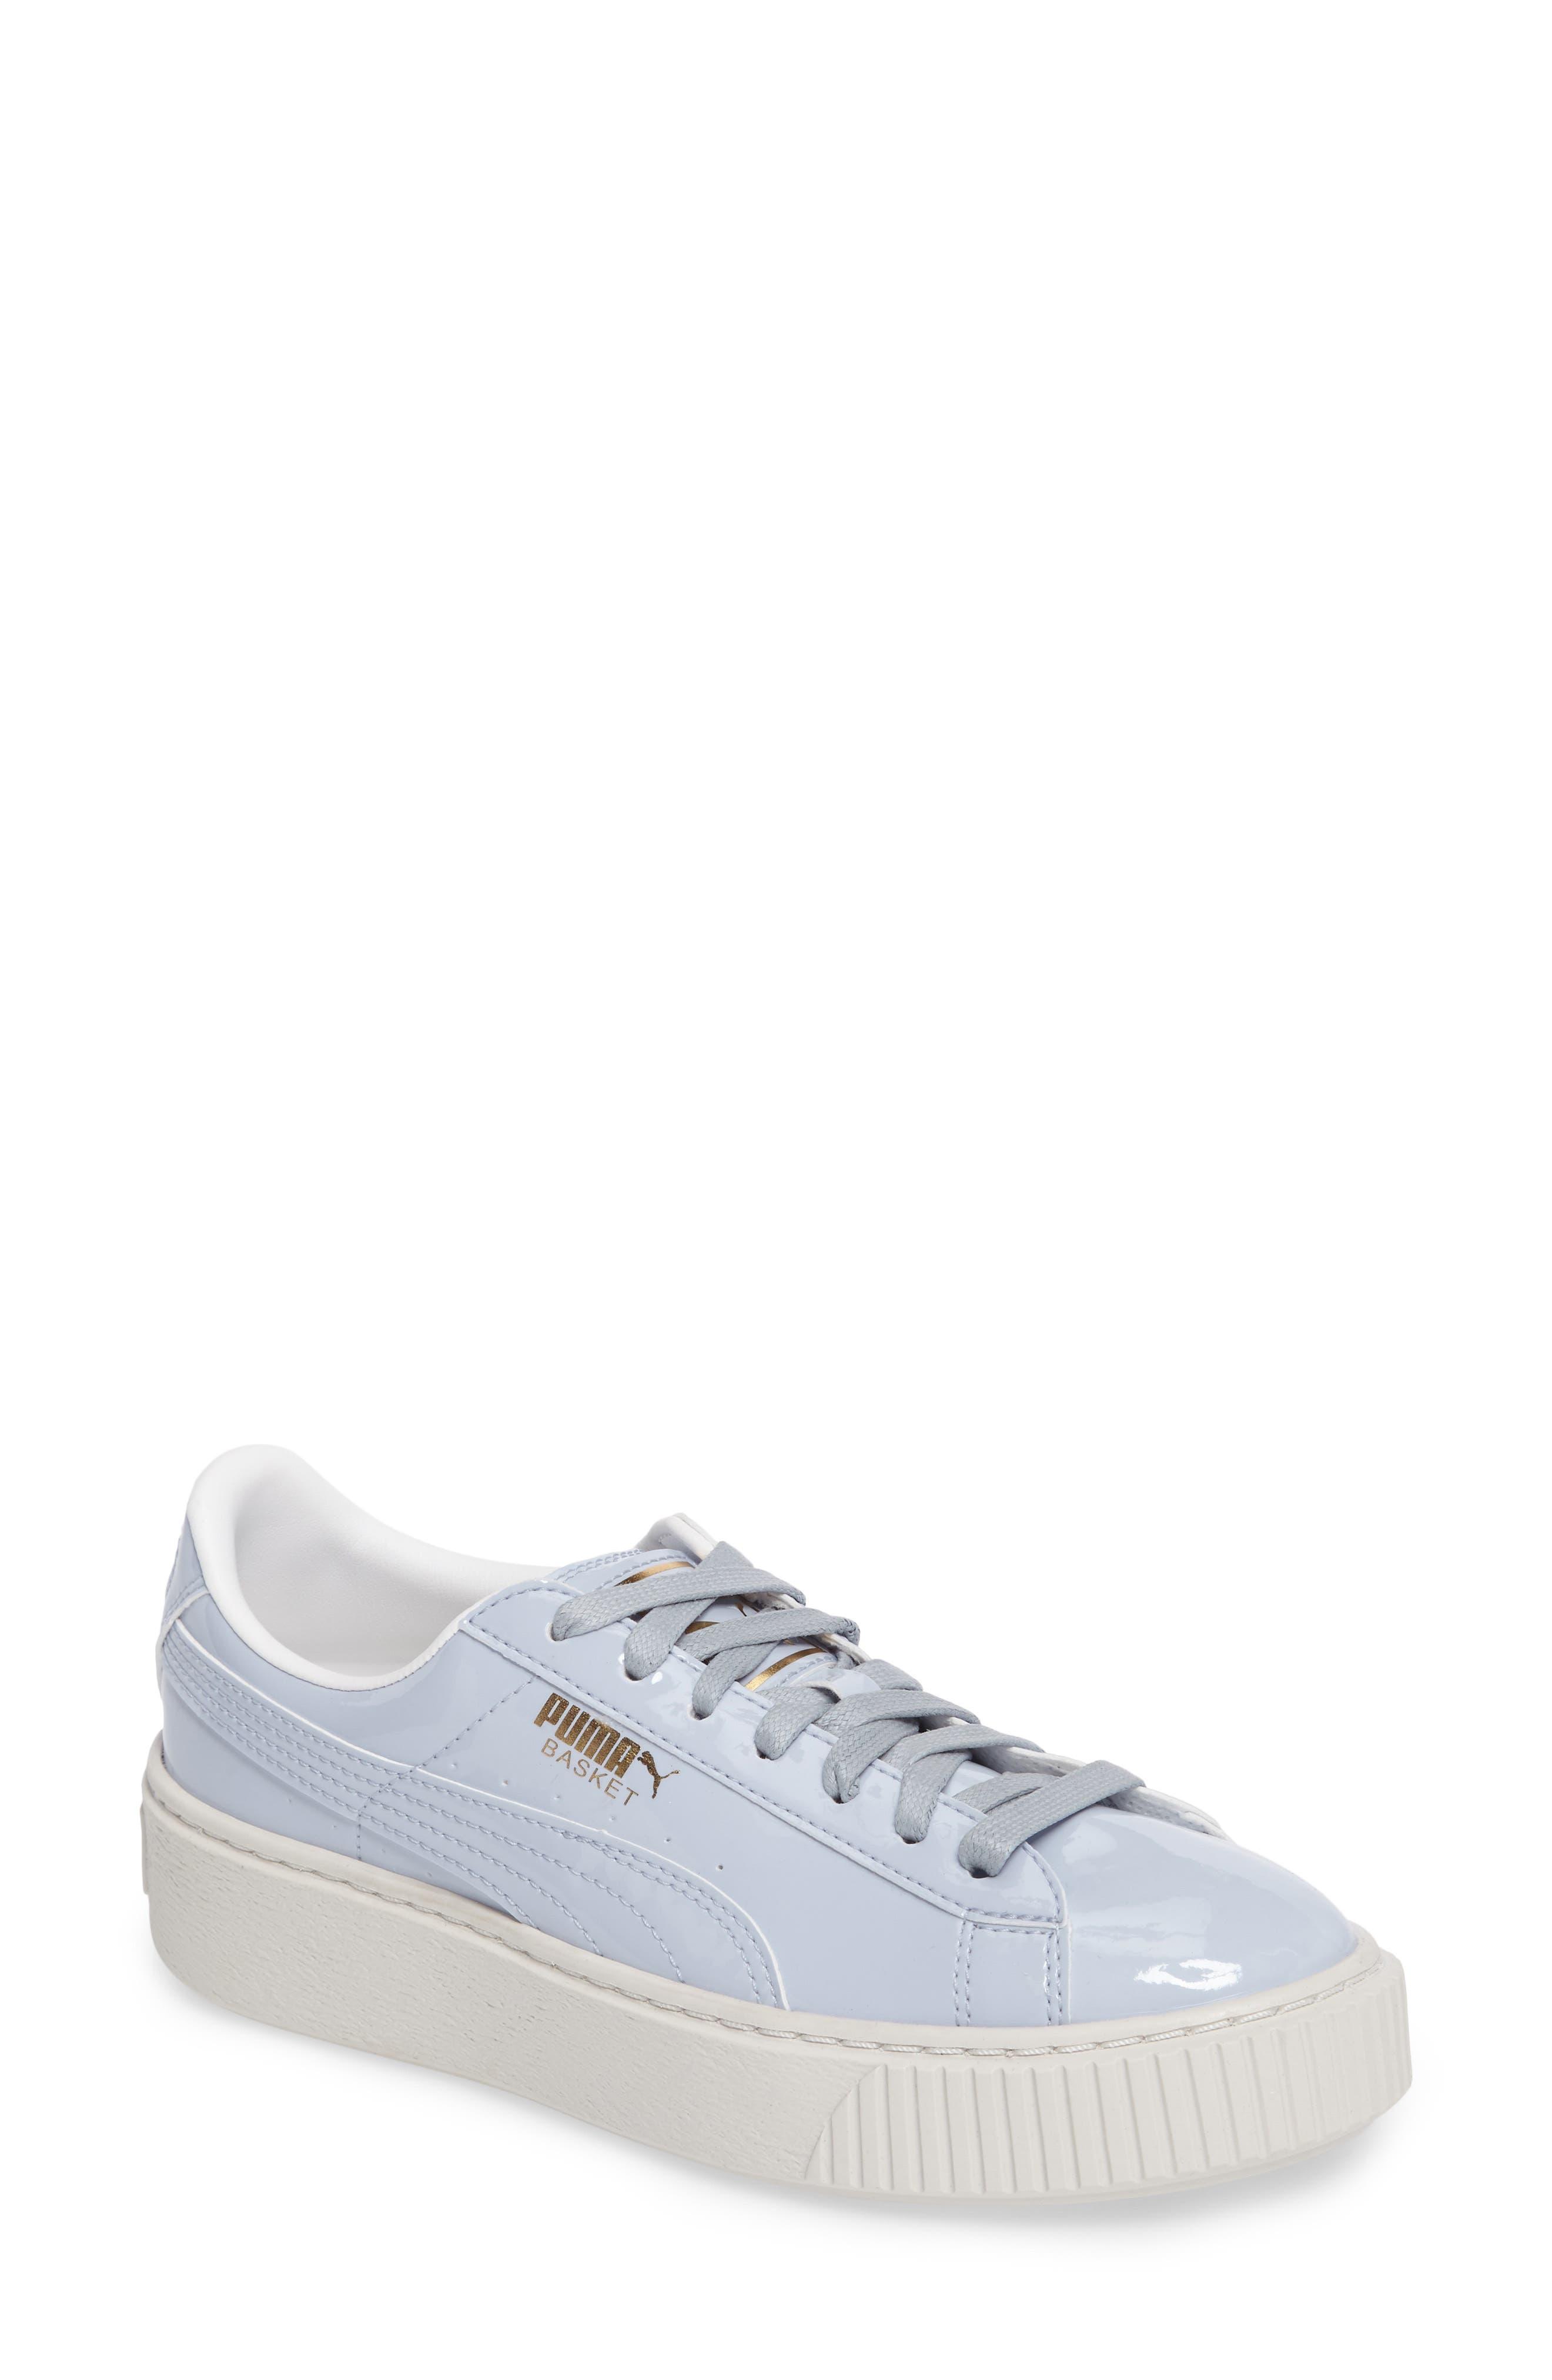 Basket Platform Sneaker,                             Main thumbnail 1, color,                             Halogen Blue/ Halogen Blue